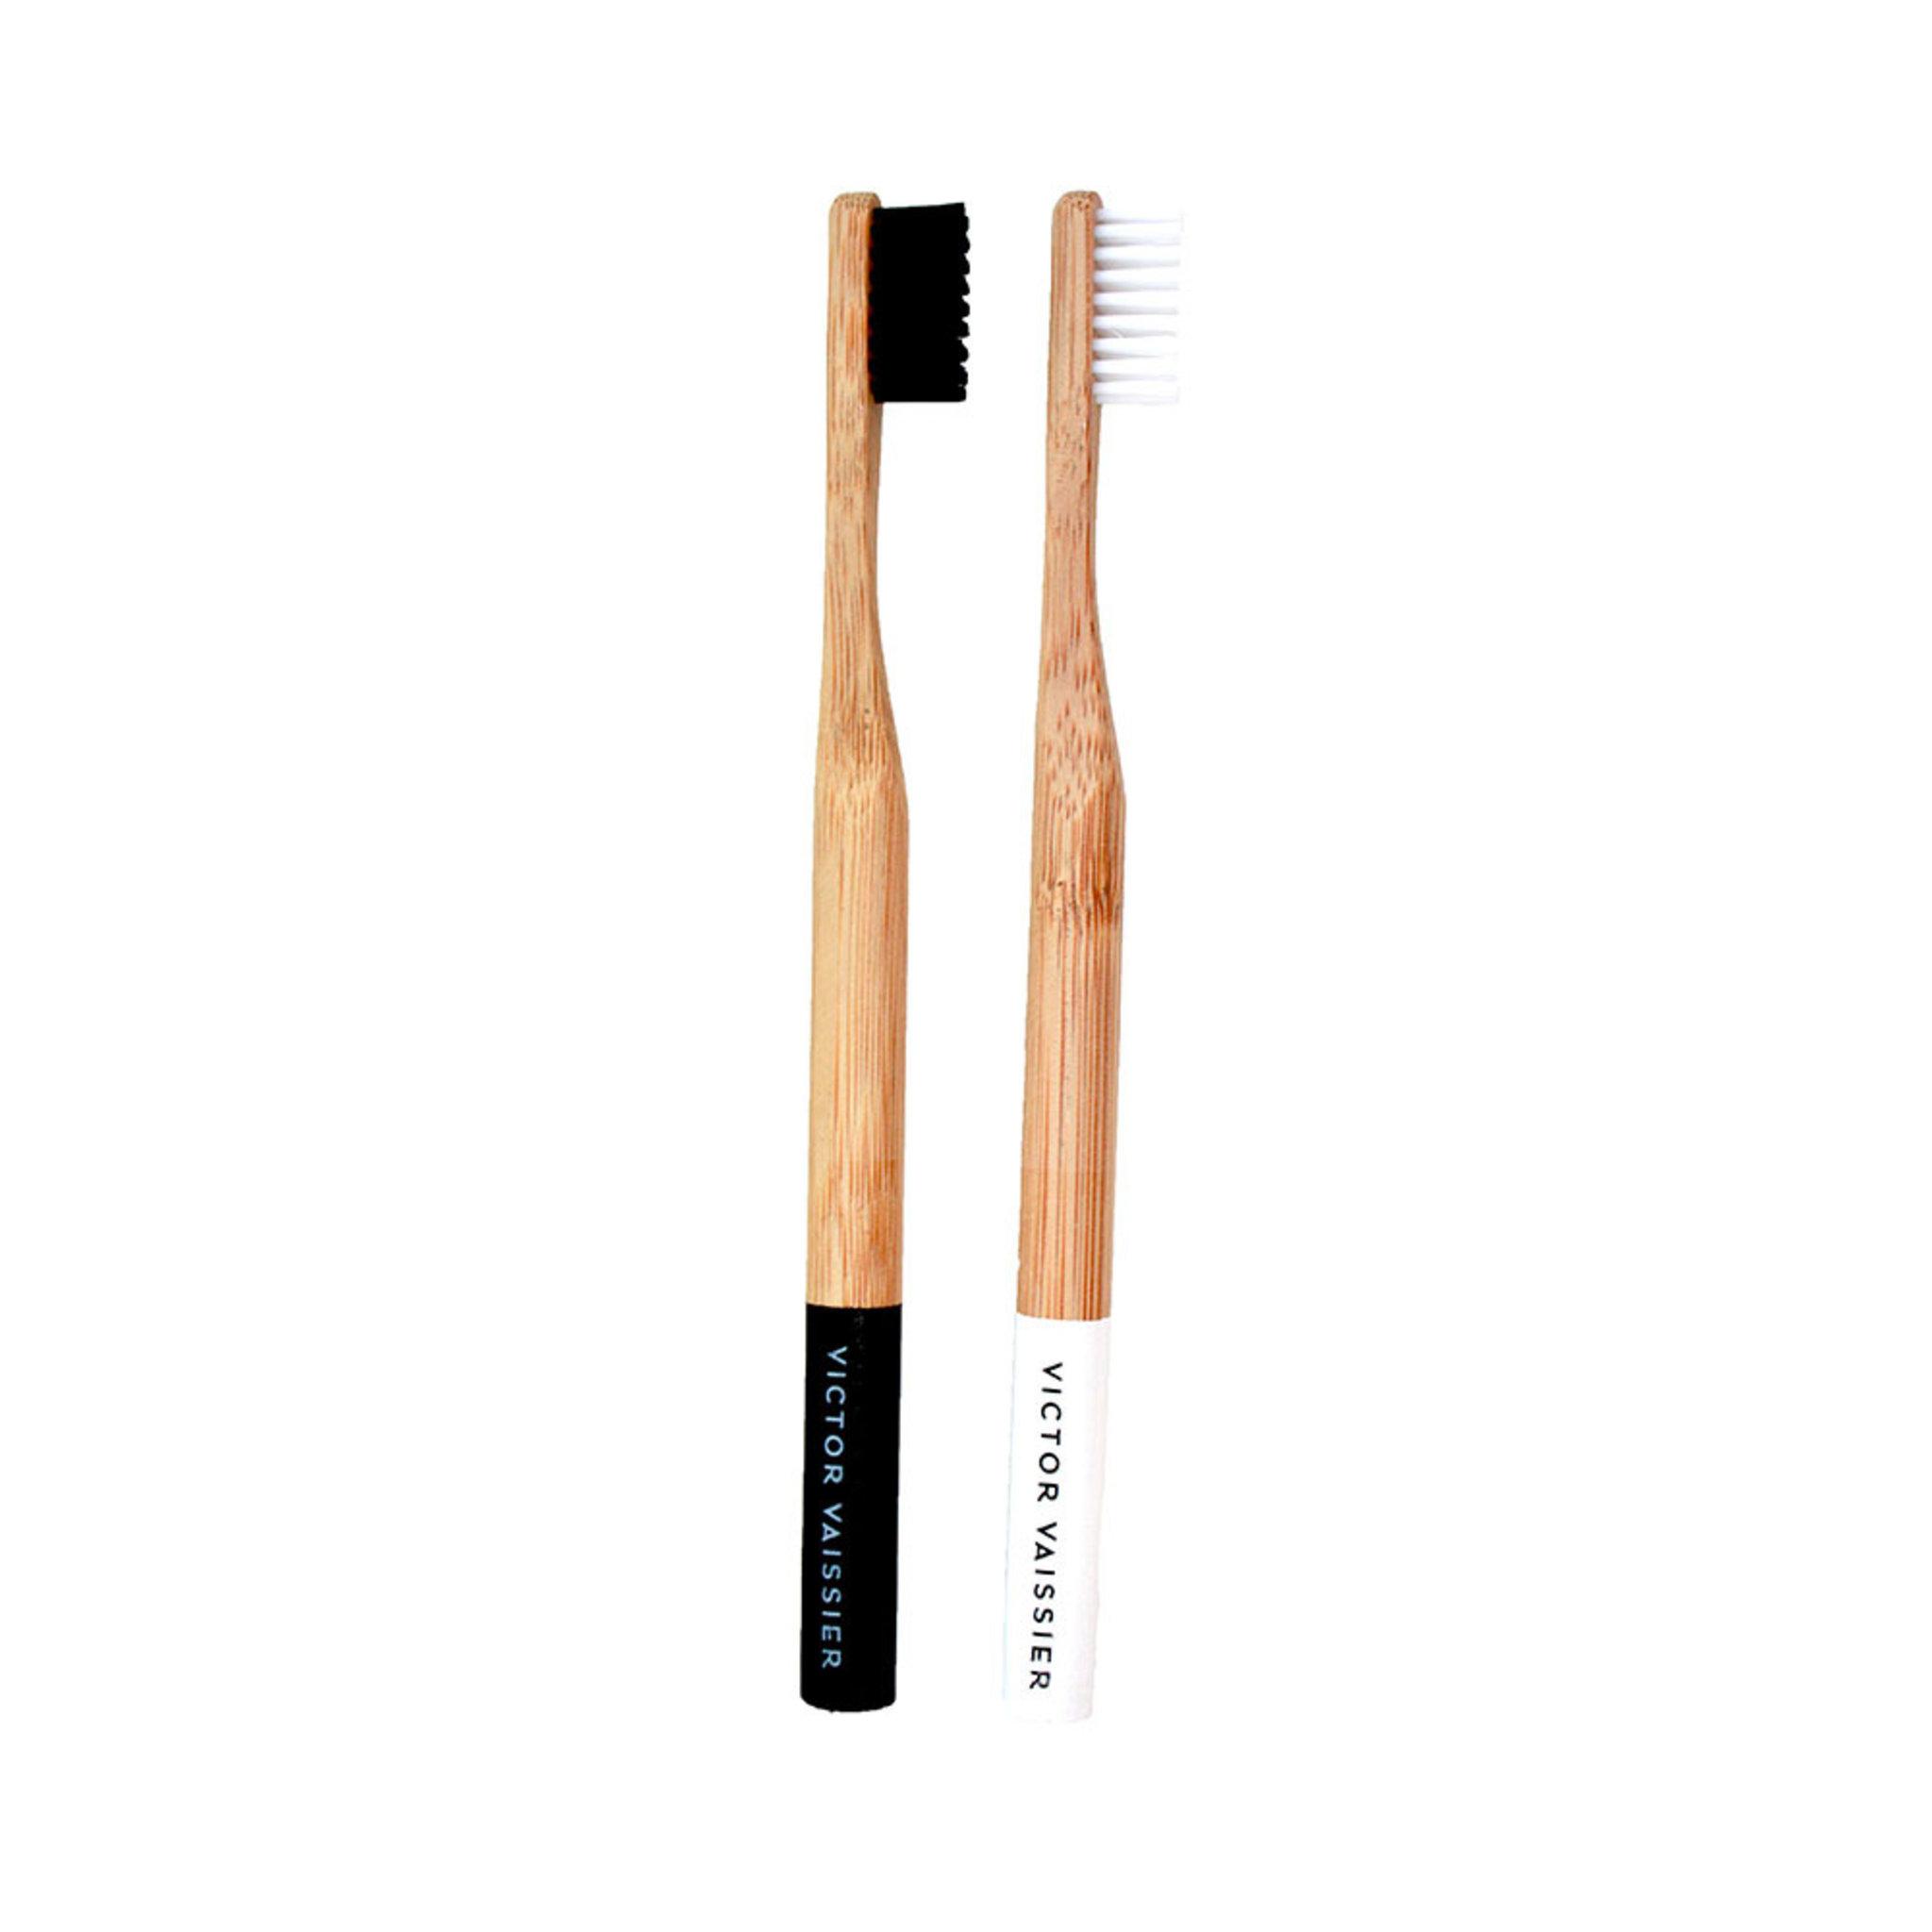 Duo Toothbrush Set - Munhygien - Köp online på åhlens.se! 8883179dc2659